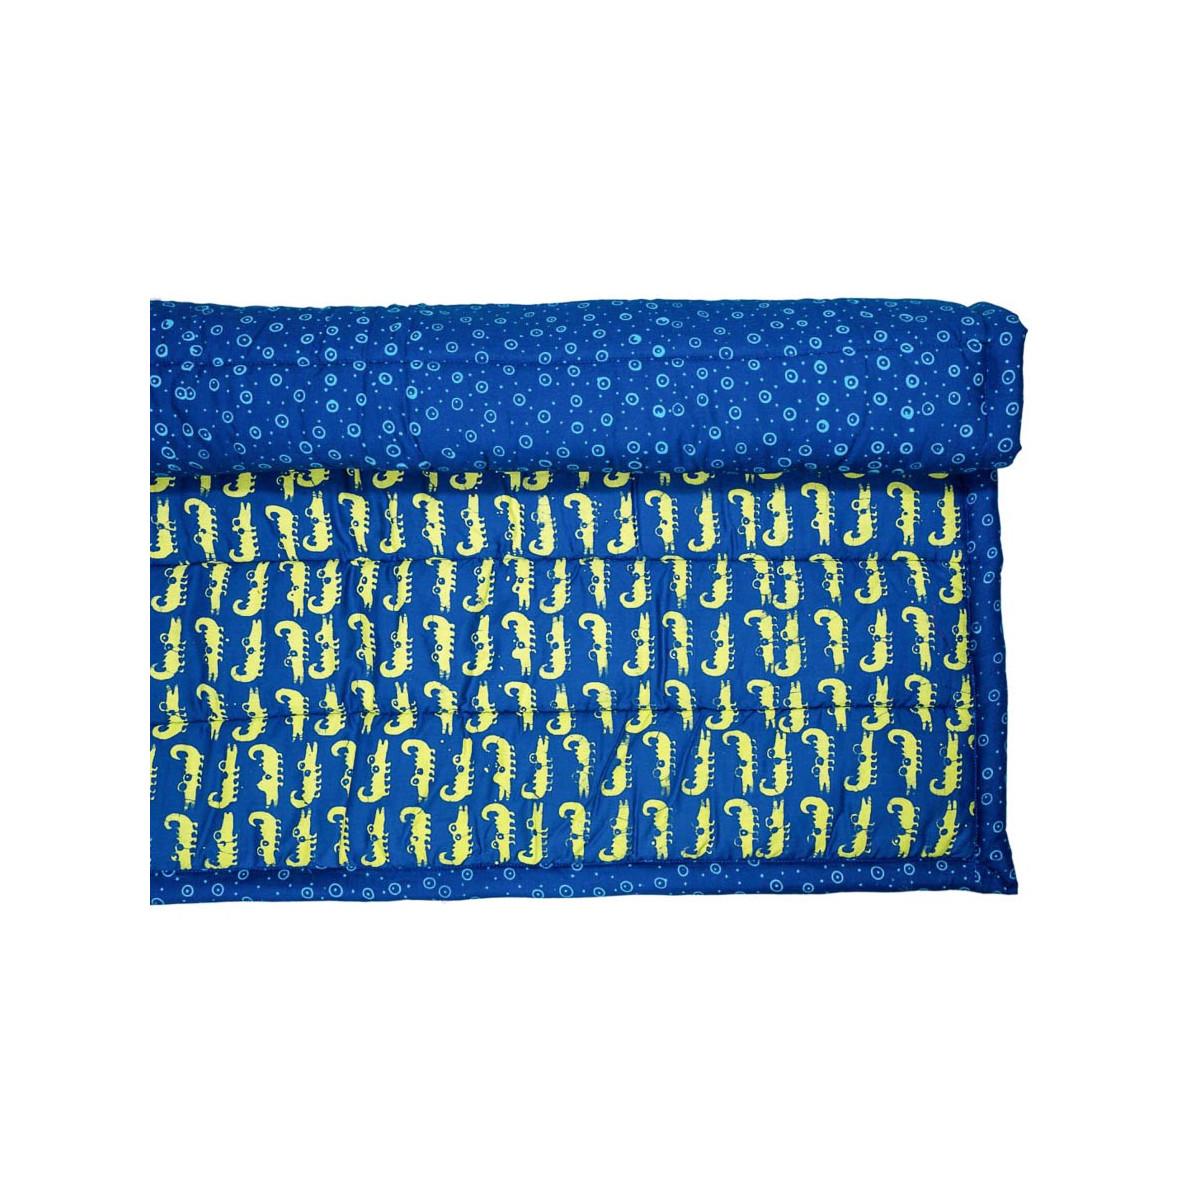 Tapis d'éveil, de jeux bébé coton bleu et vert crocodiles